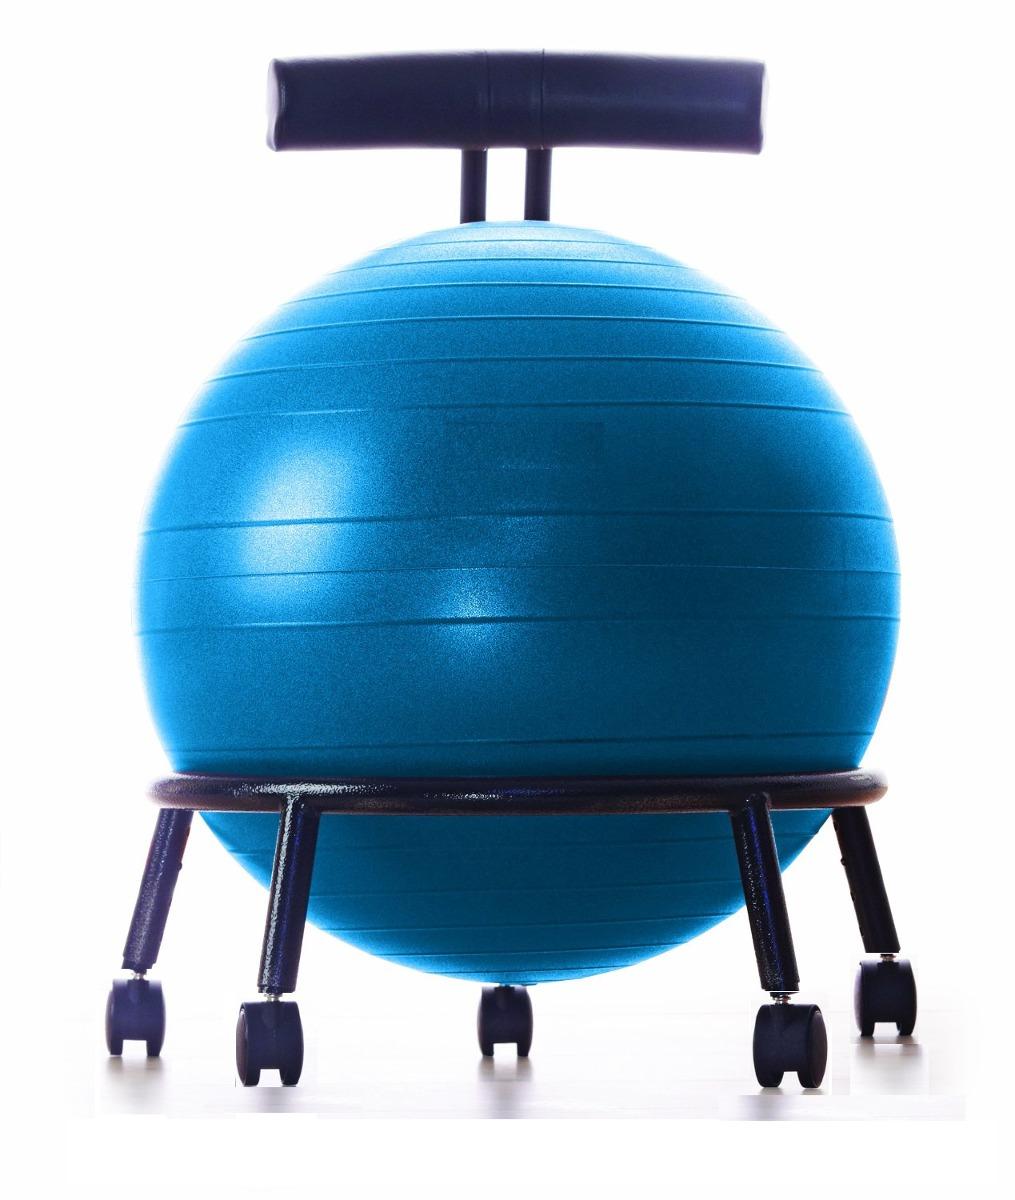 Yoga Ergonomica Oficina Pelota Para Silla Ortopedica E2IH9WD